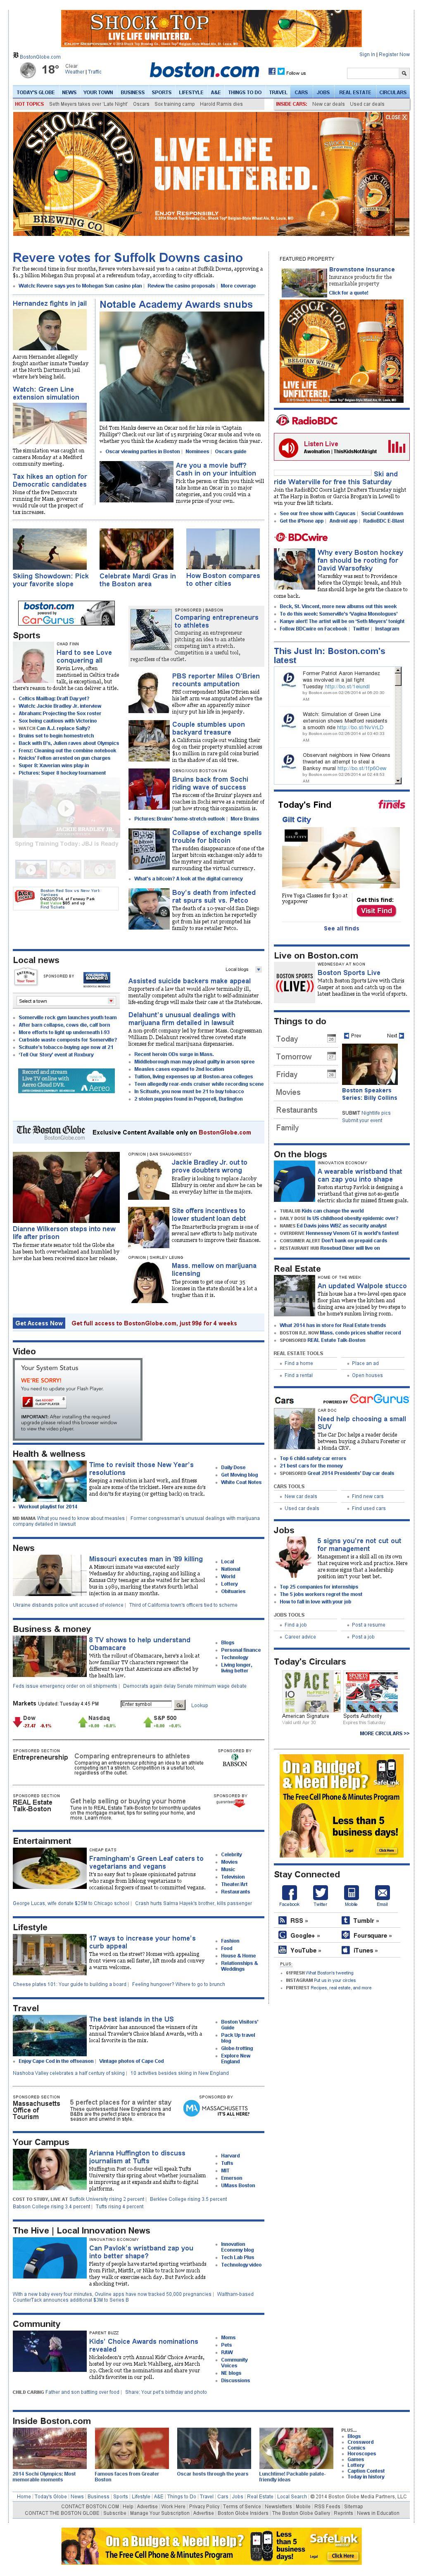 Boston.com at Wednesday Feb. 26, 2014, 10:01 a.m. UTC